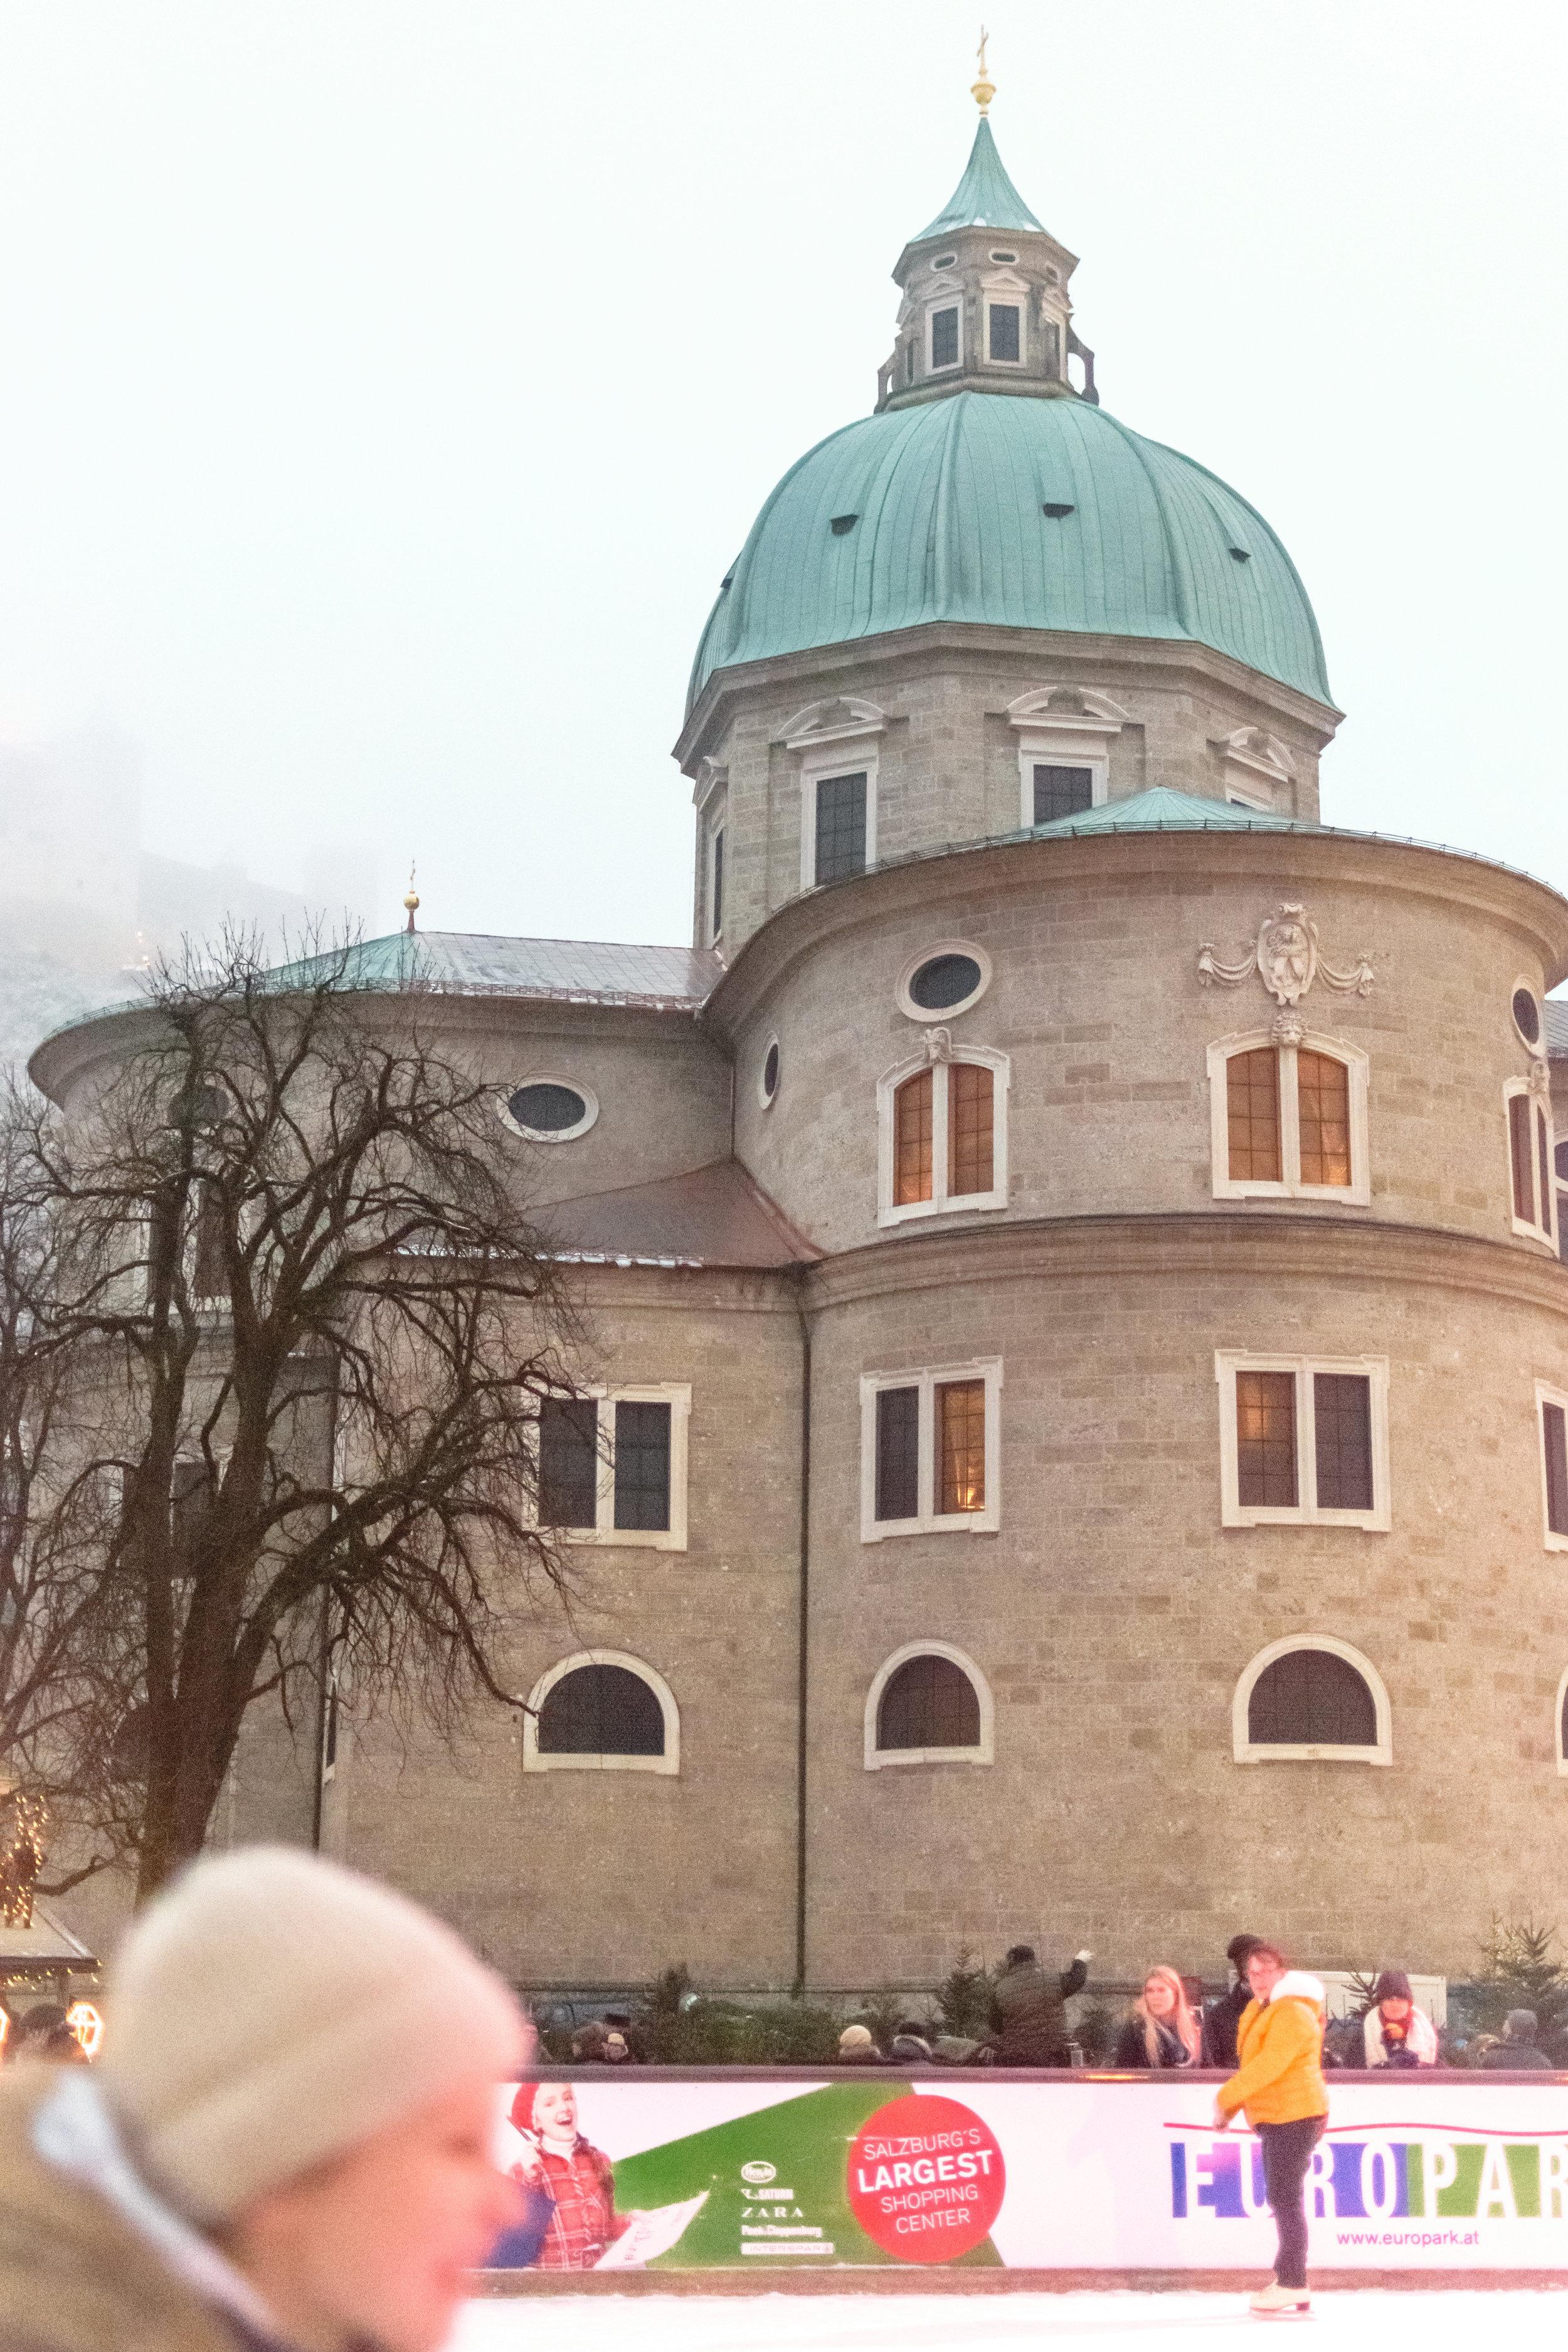 Salzburg-1-8.jpg